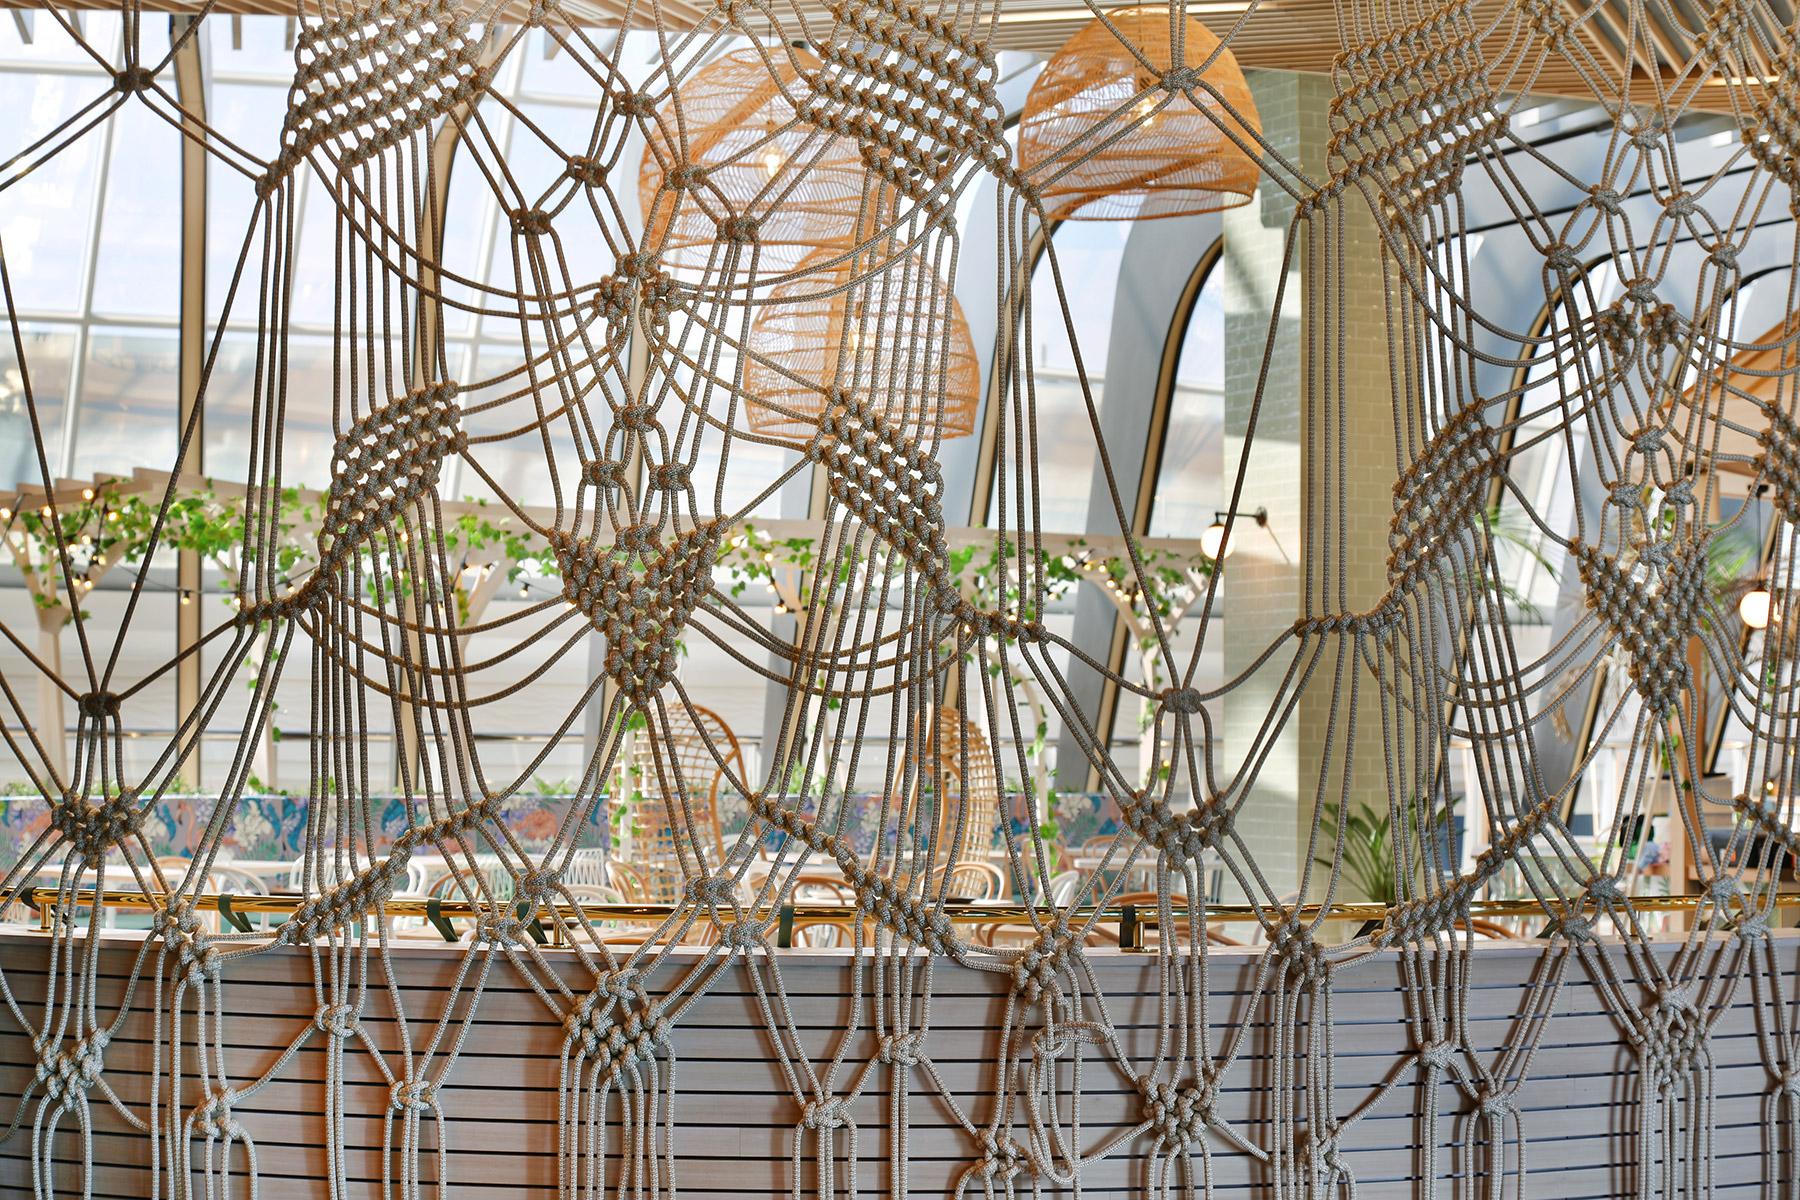 MEZZ Kitchen and Bar - interior design by Studio Y.